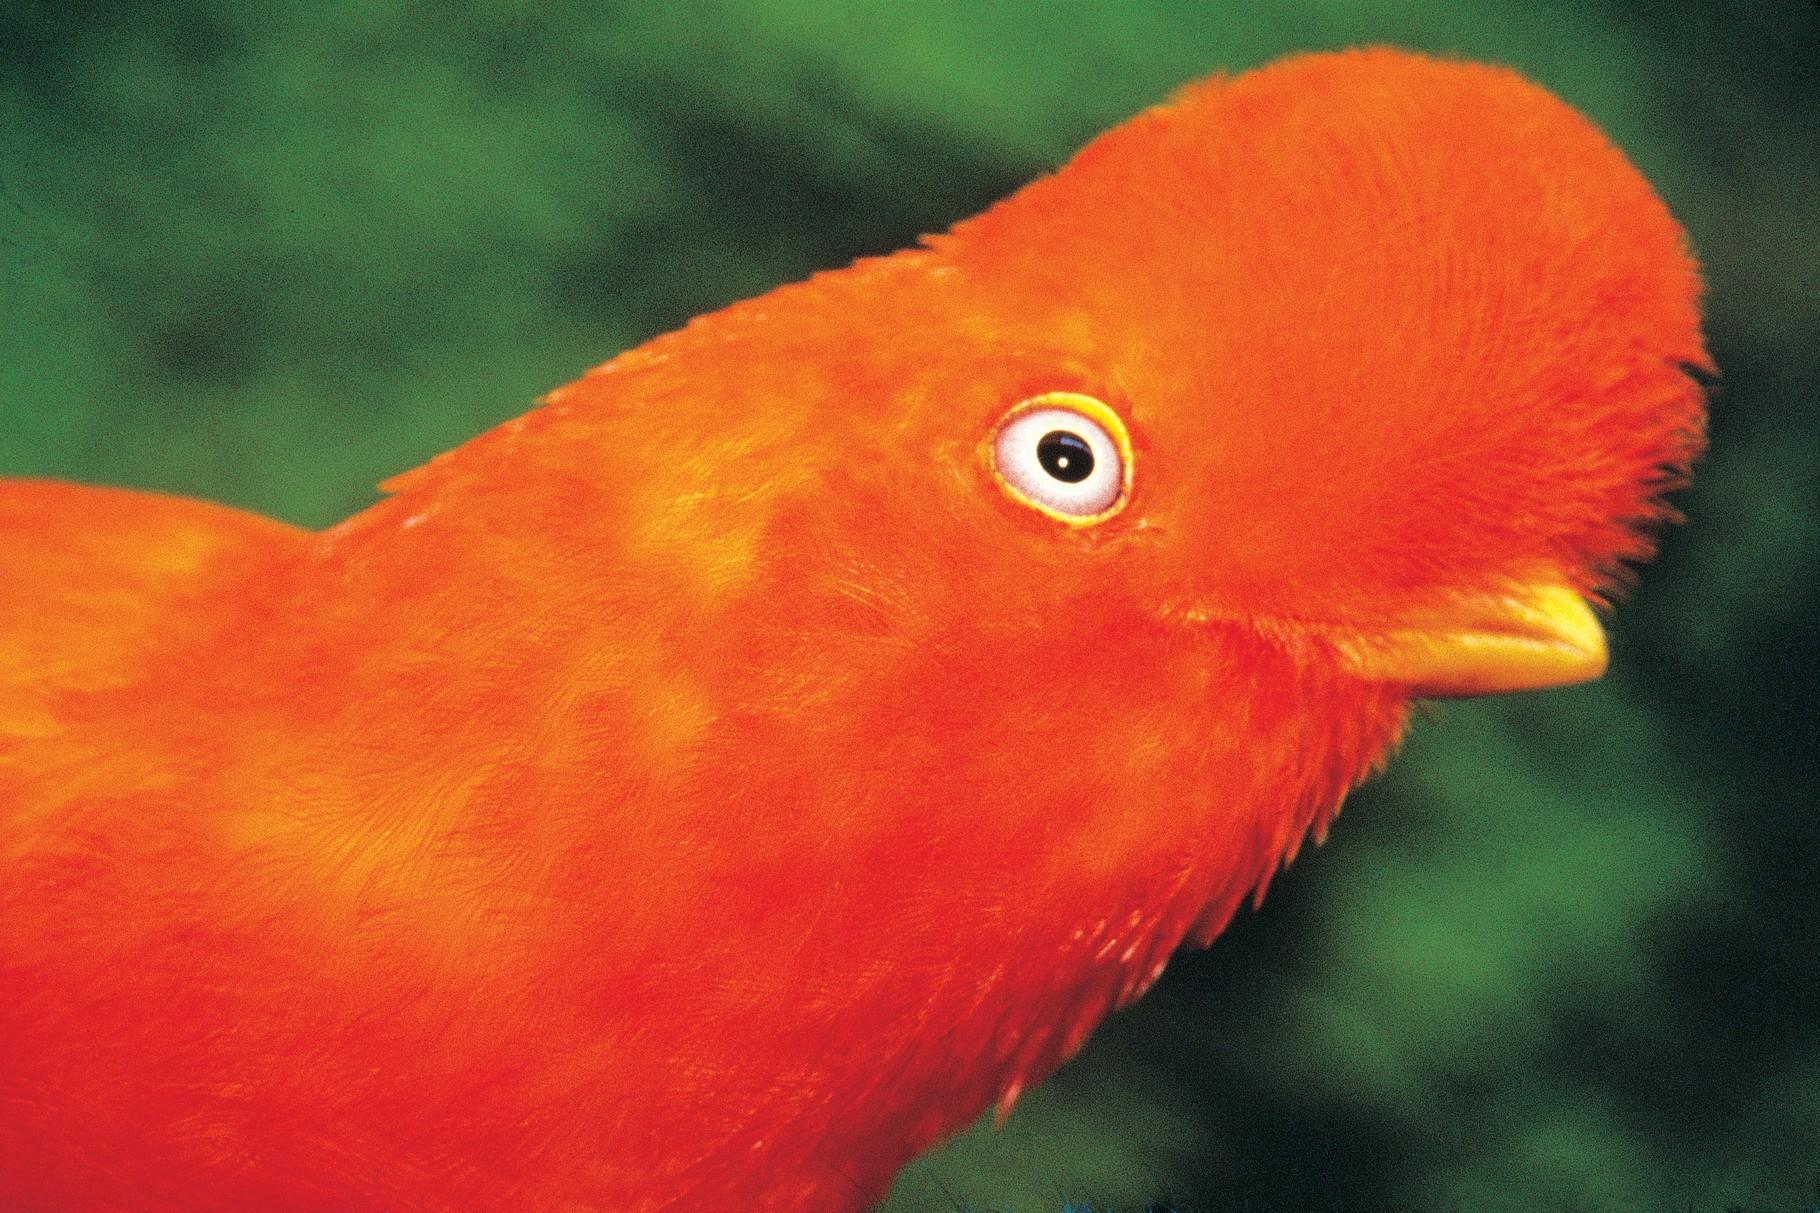 Cock of the Rock - bekommen Sie ihn im Regenwald zu sehen?